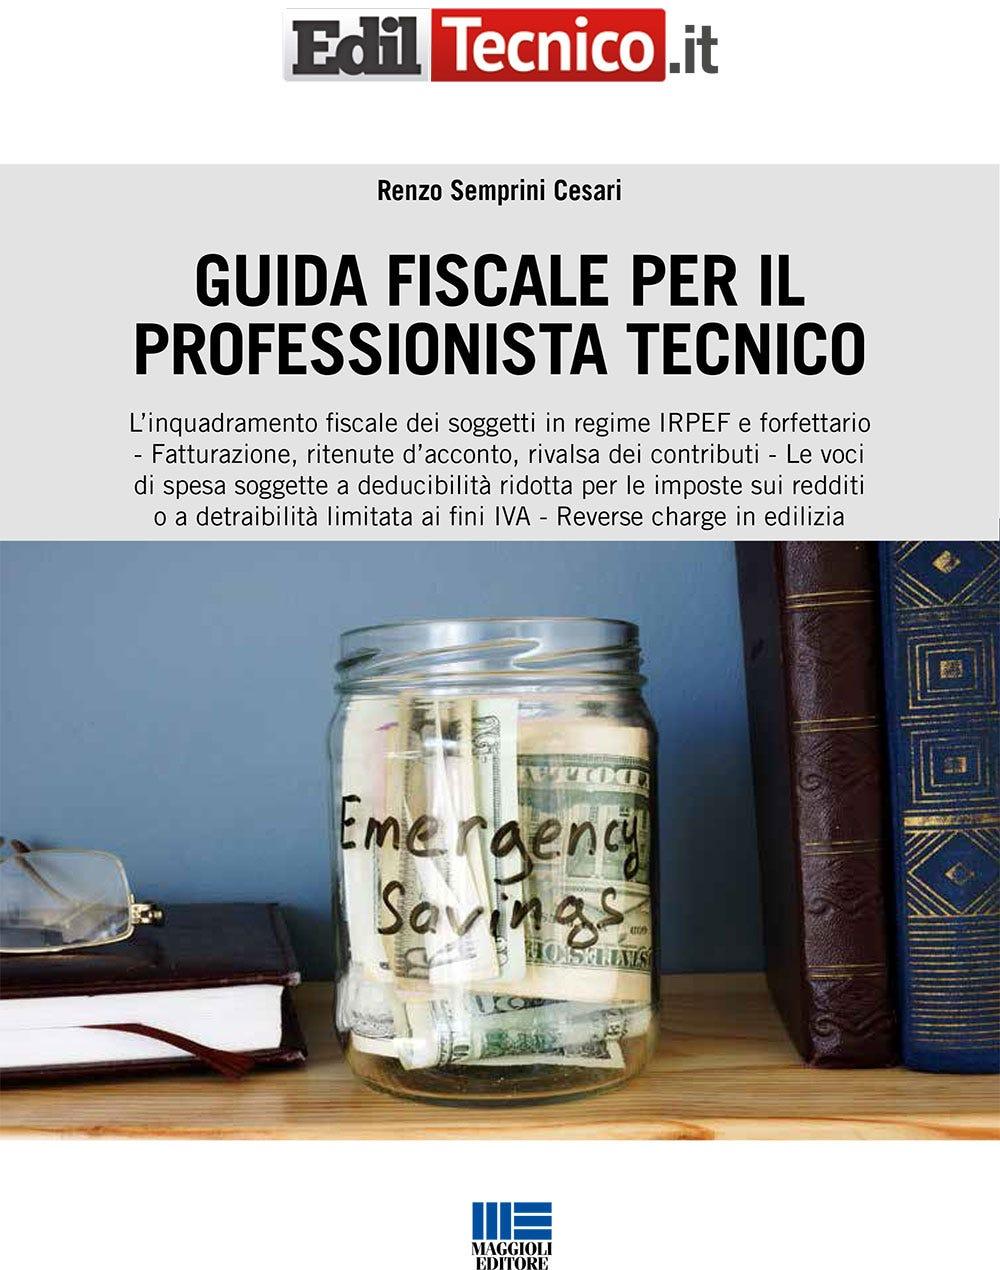 Guida fiscale per il professionista tecnico